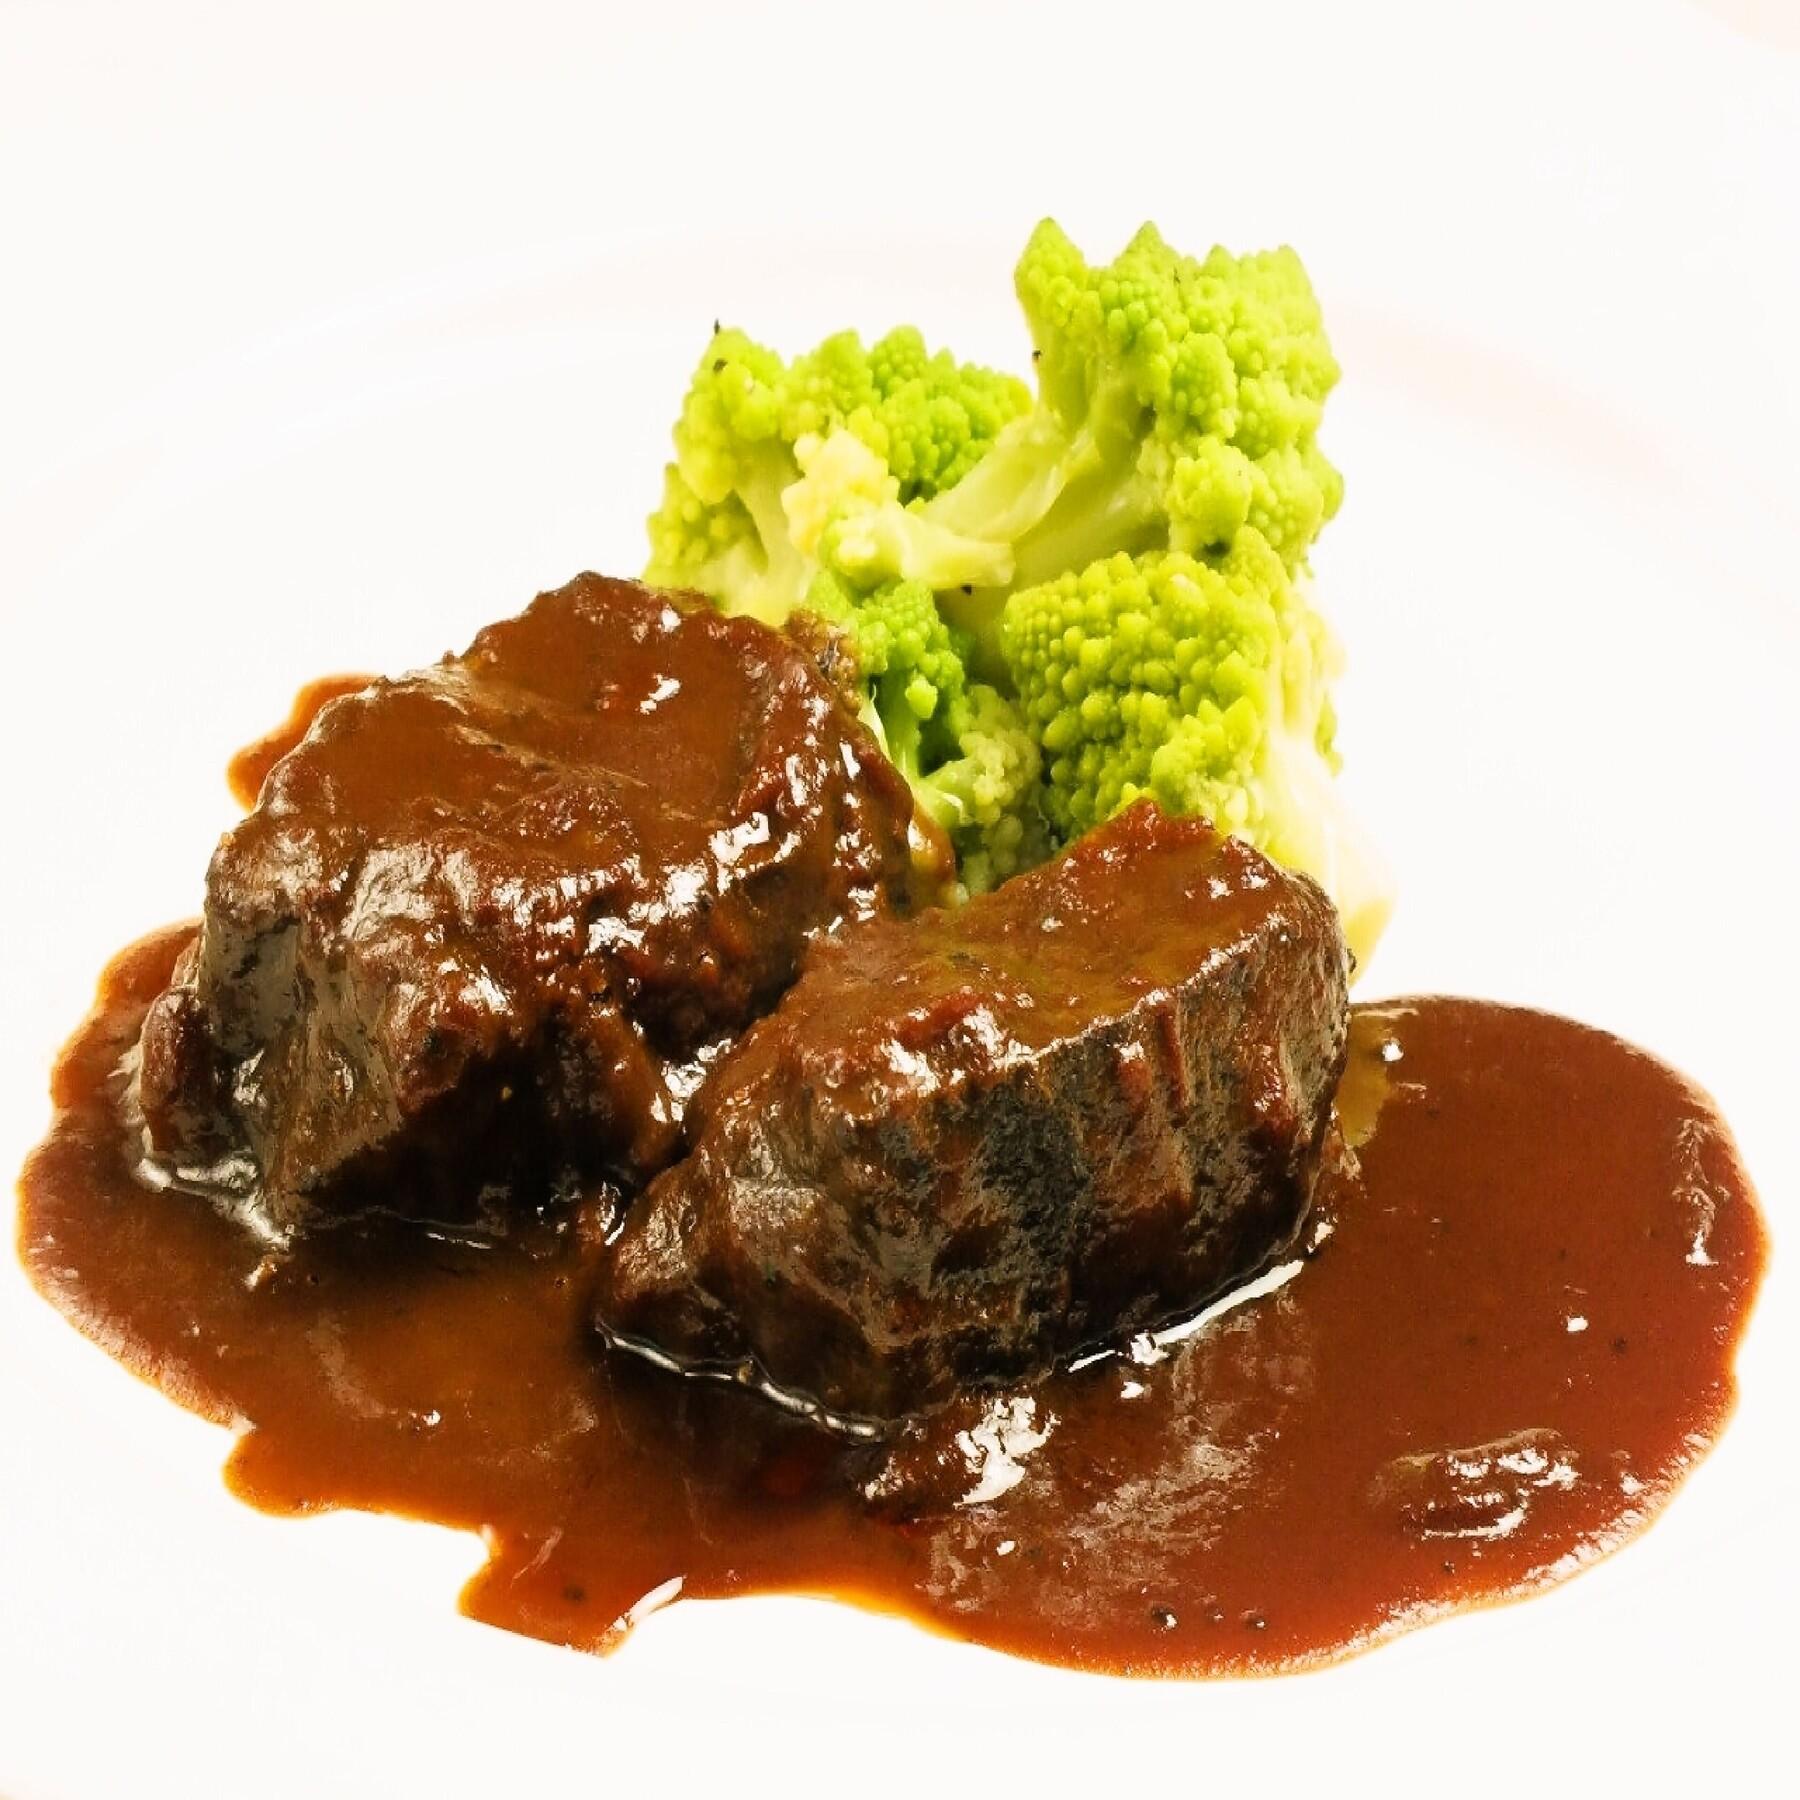 人気メニュー!和牛のほほ肉をじっくり煮込んで旨味を凝縮させた絶品煮込み